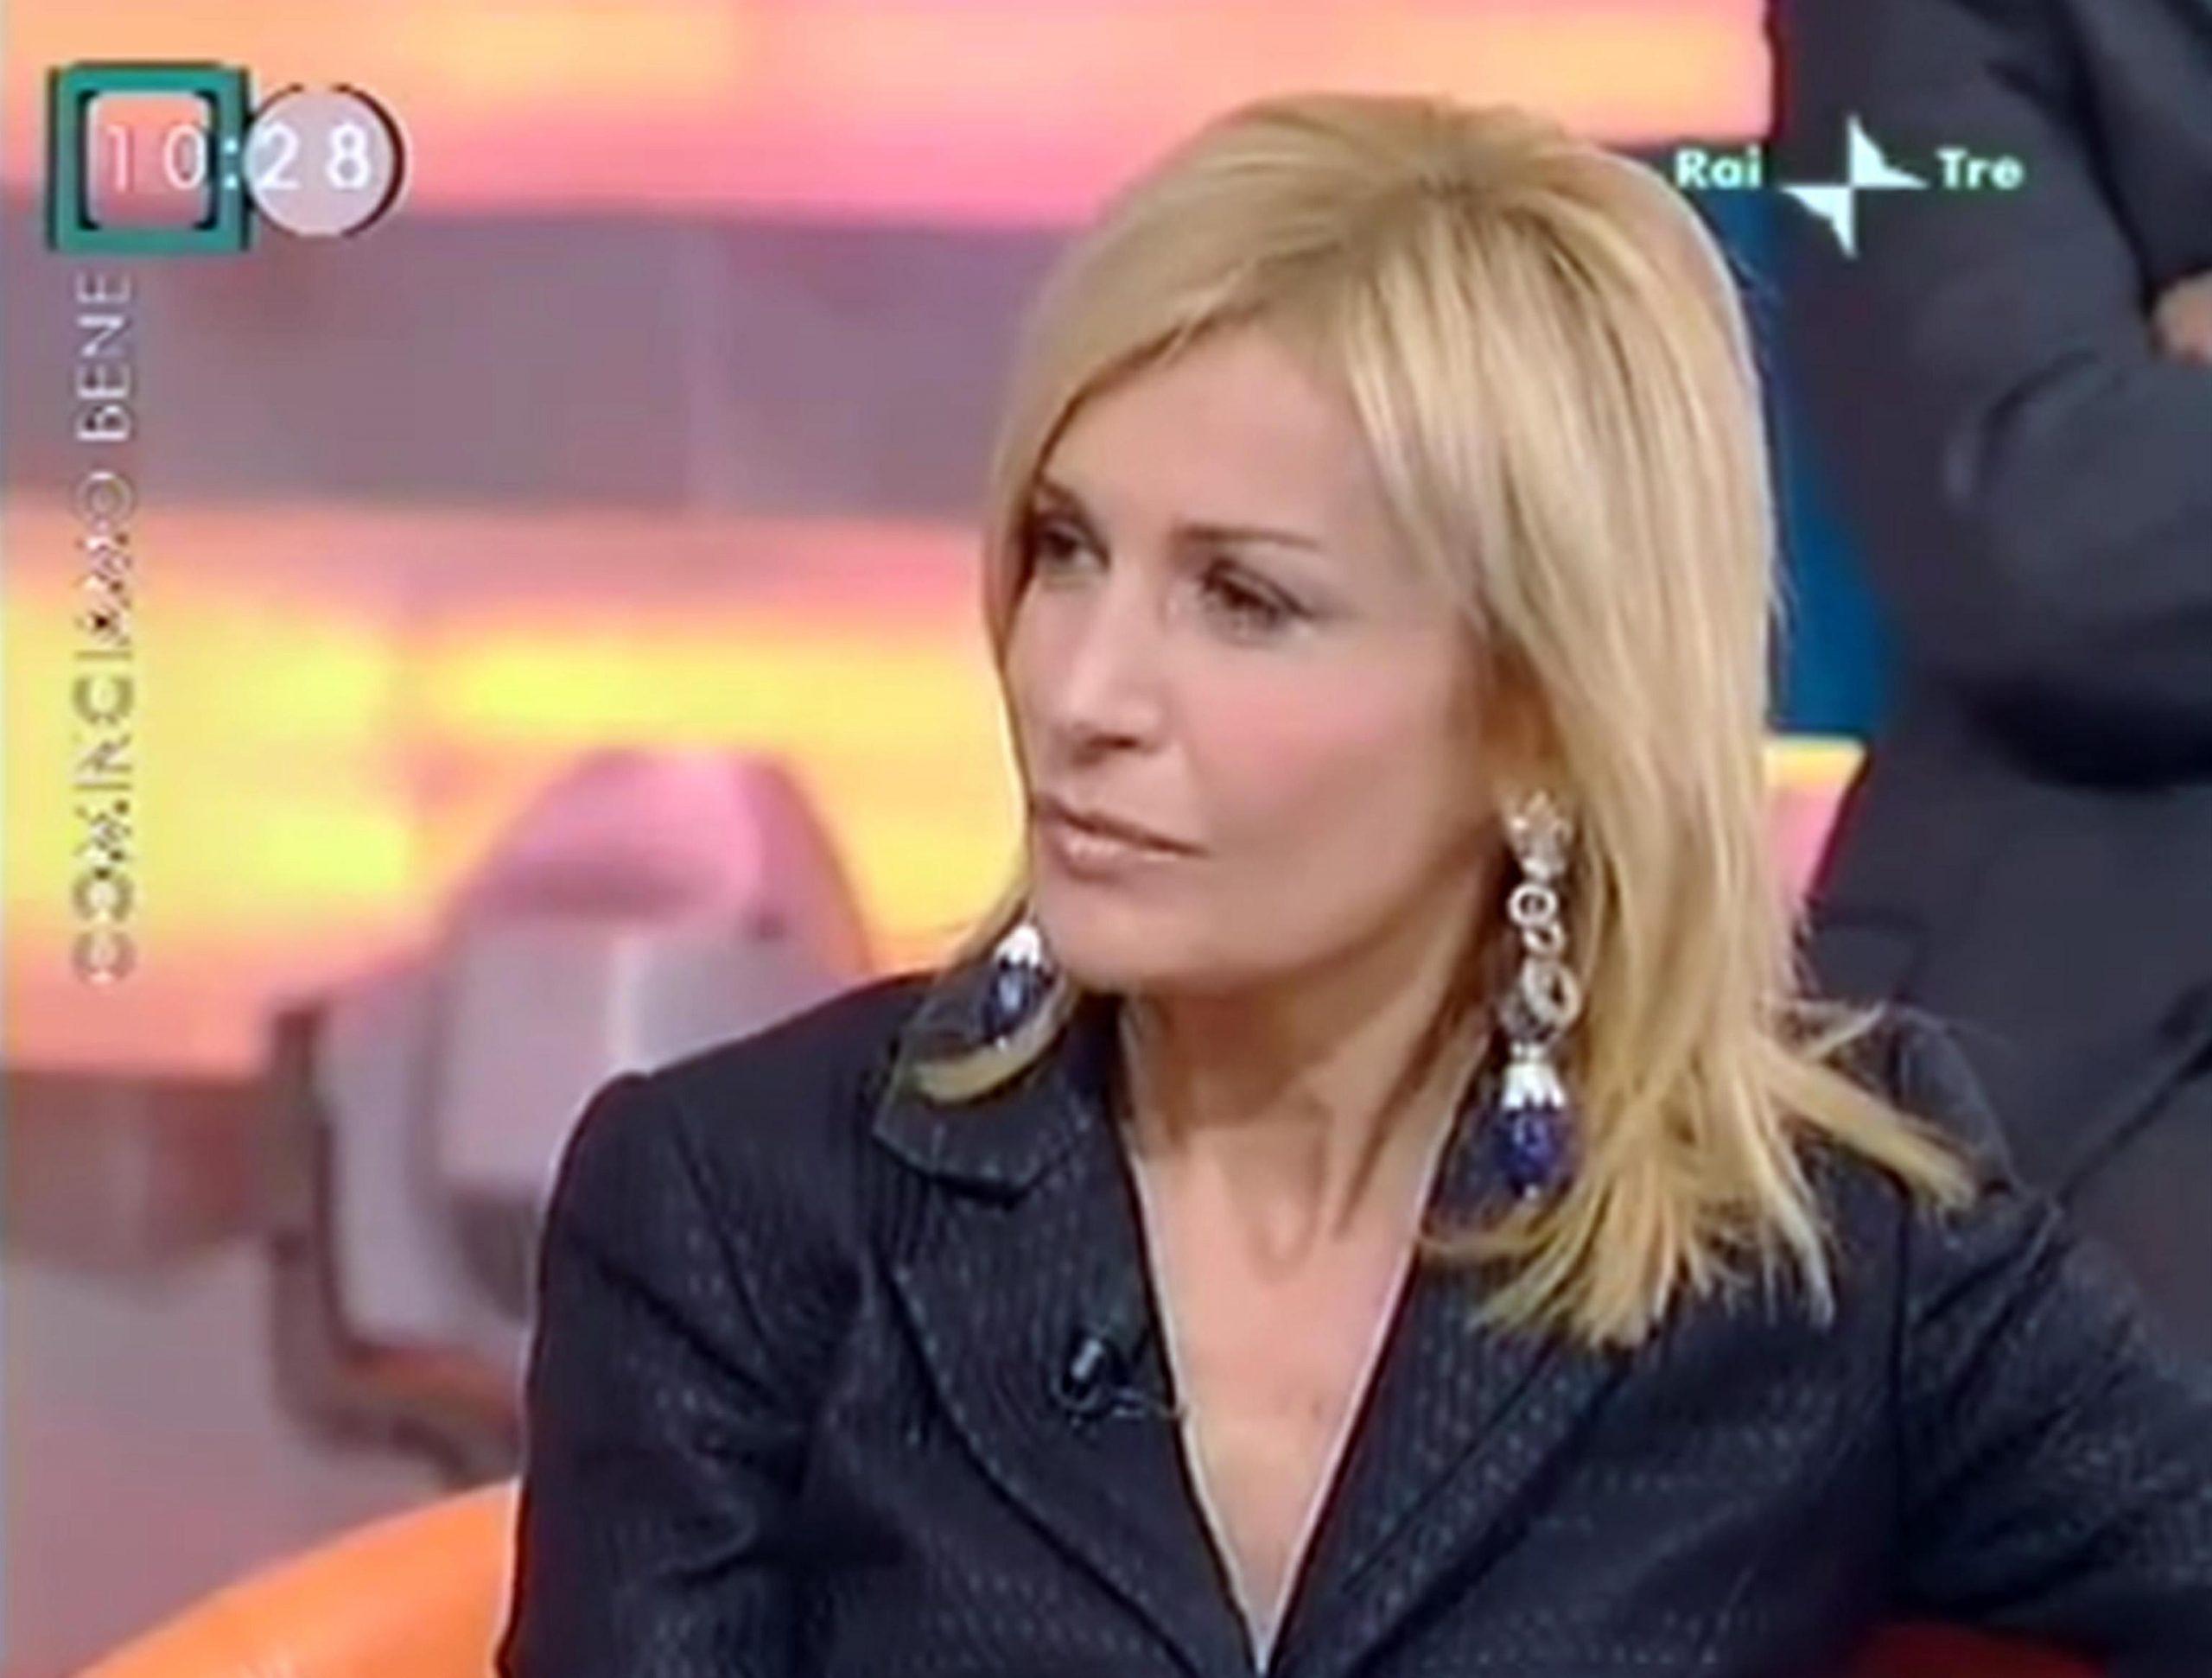 Morte Alessandra Appiano, il dolore del marito: 'Una malattia mentale feroce l'ha portata via'